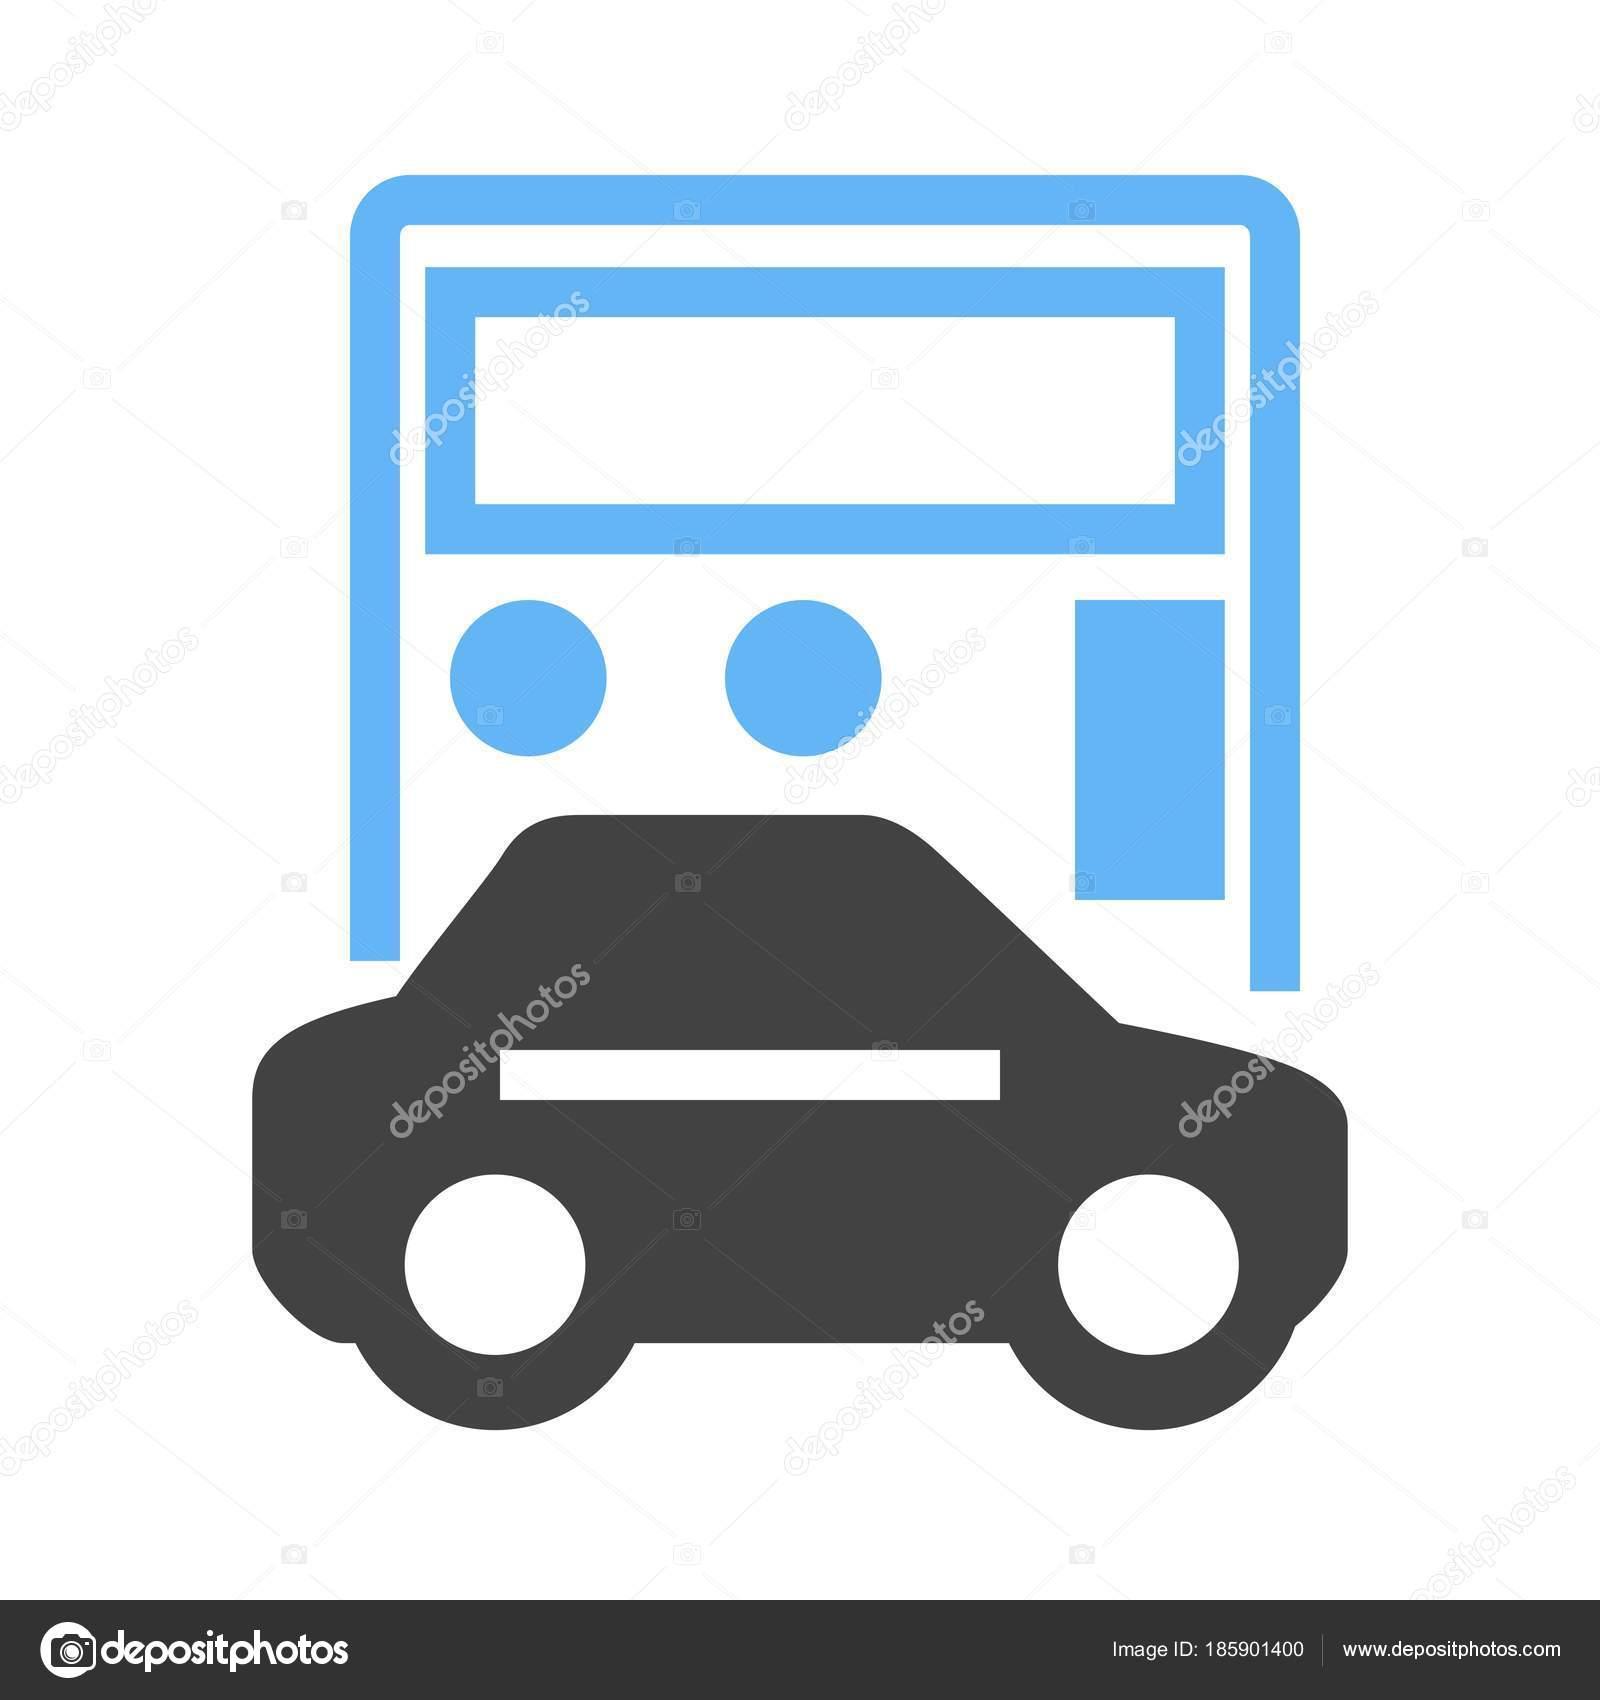 Auto Loan Calculator — Stock Vector © Iconbunny #185901400